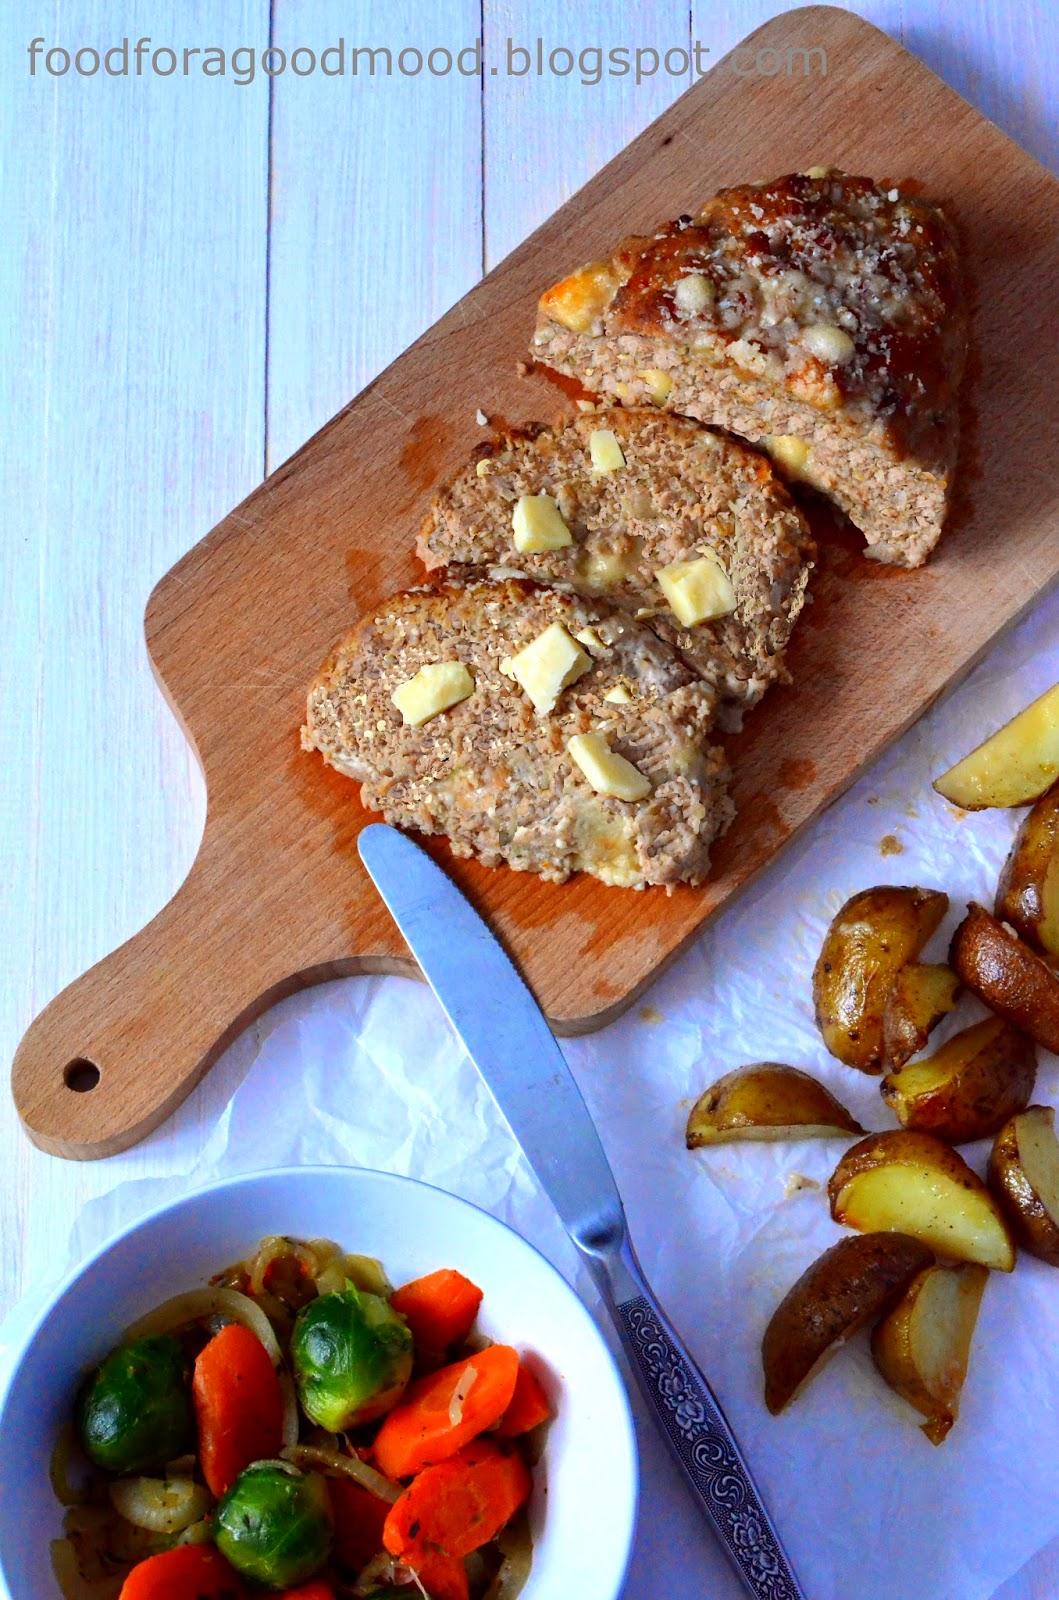 Pomysł na kompletny obiad. Pieczeń z mięsa mielonego w zmodyfikowanej wersji, z dwoma rodzajami sera. Jako dodatek - pieczone ziemniaki i mix warzyw z tymiankiem. Zaletą tak przygotowanego mięsa jest możliwość jedzenia go również na zimno, np. zamiast wędliny. Smakuje wyśmienicie w obu wersjach.